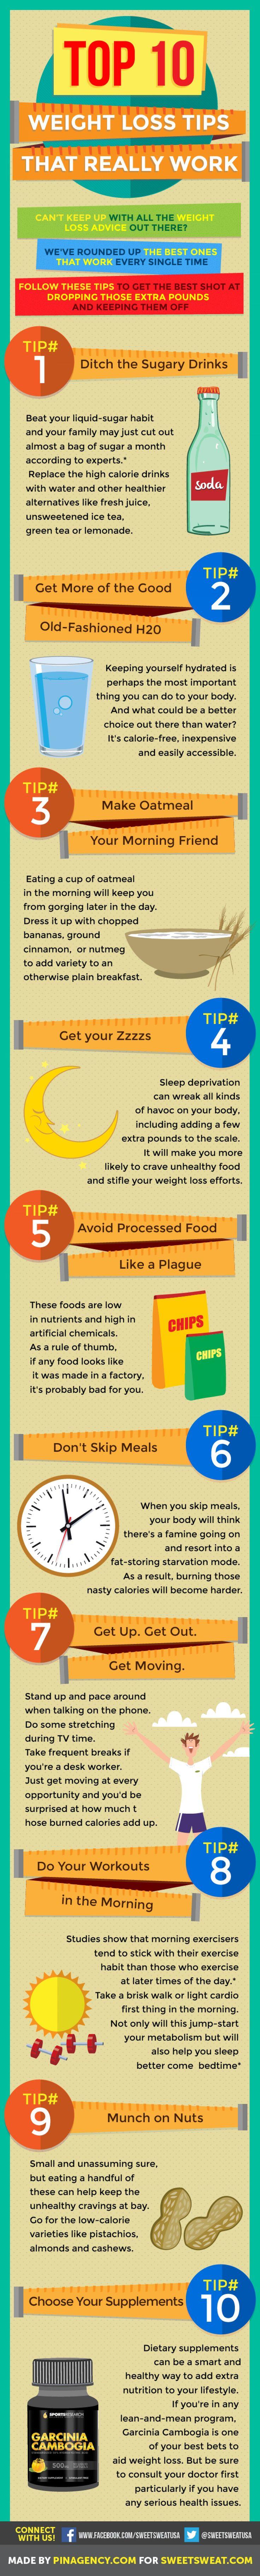 Top 10 Ejercicios para bajar de peso